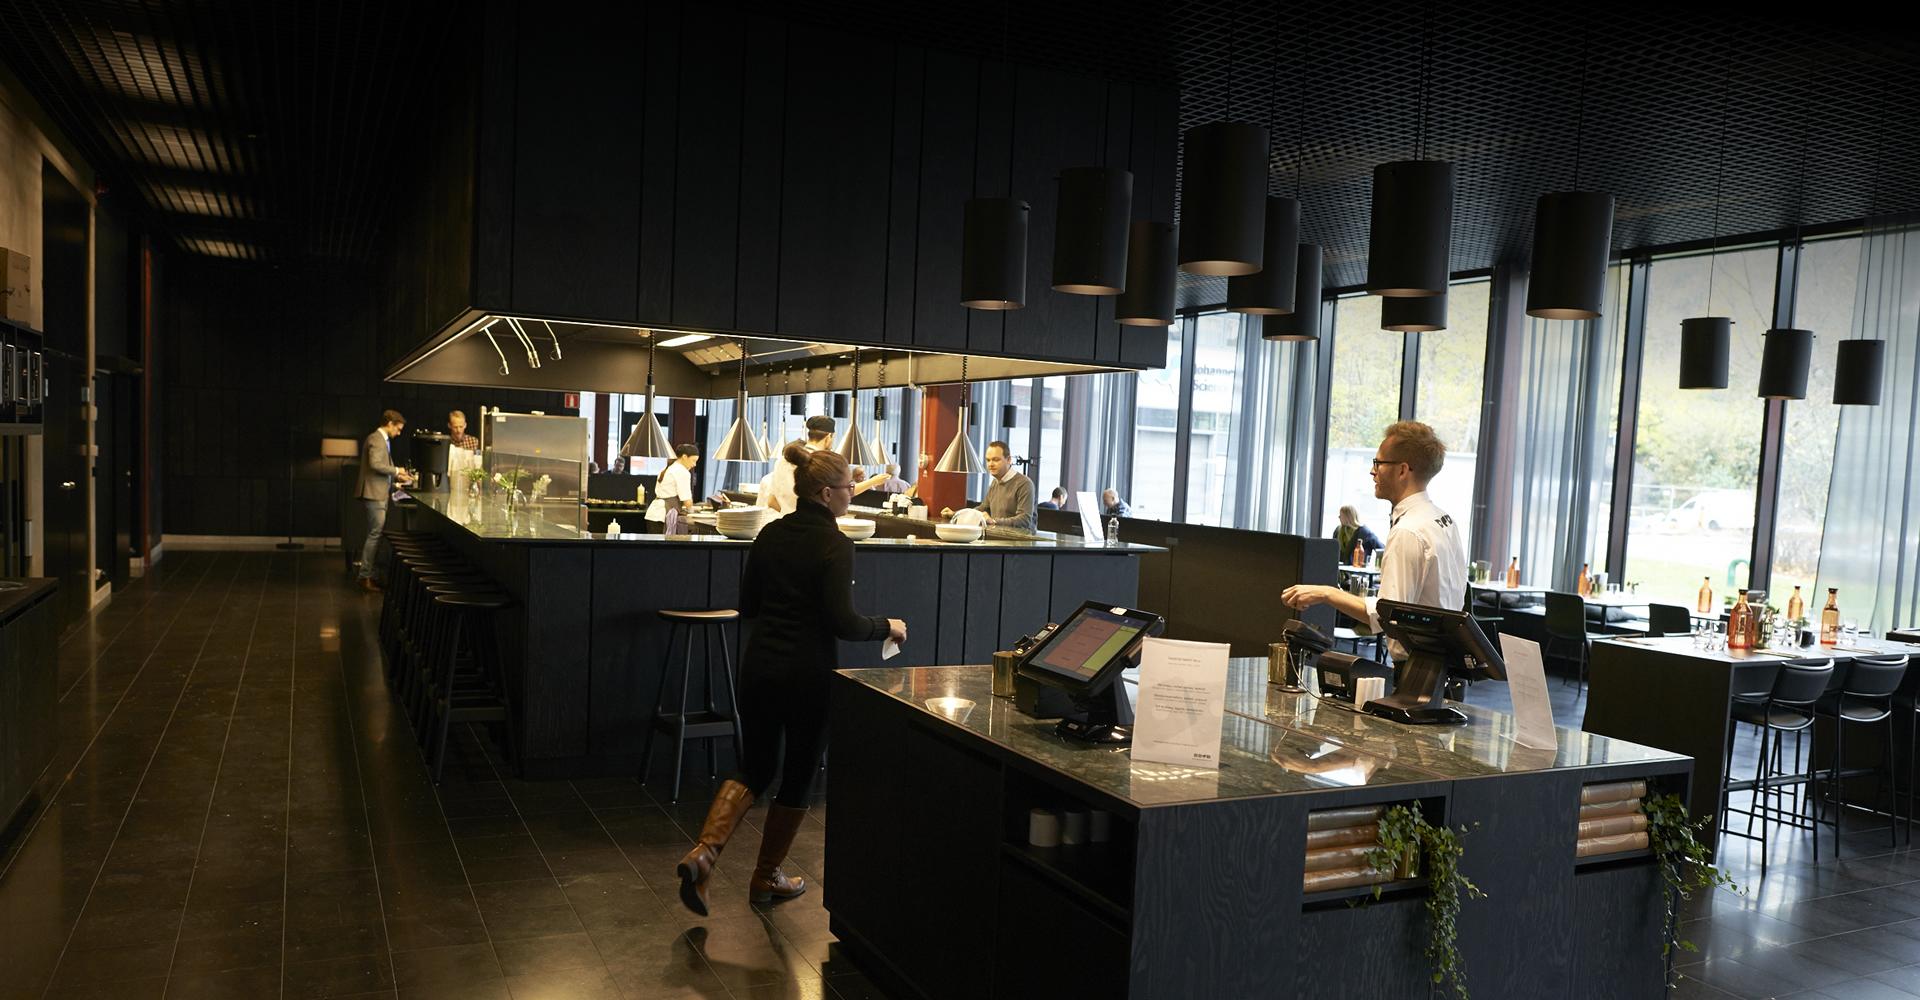 restaurang mötesplatsen Onsala